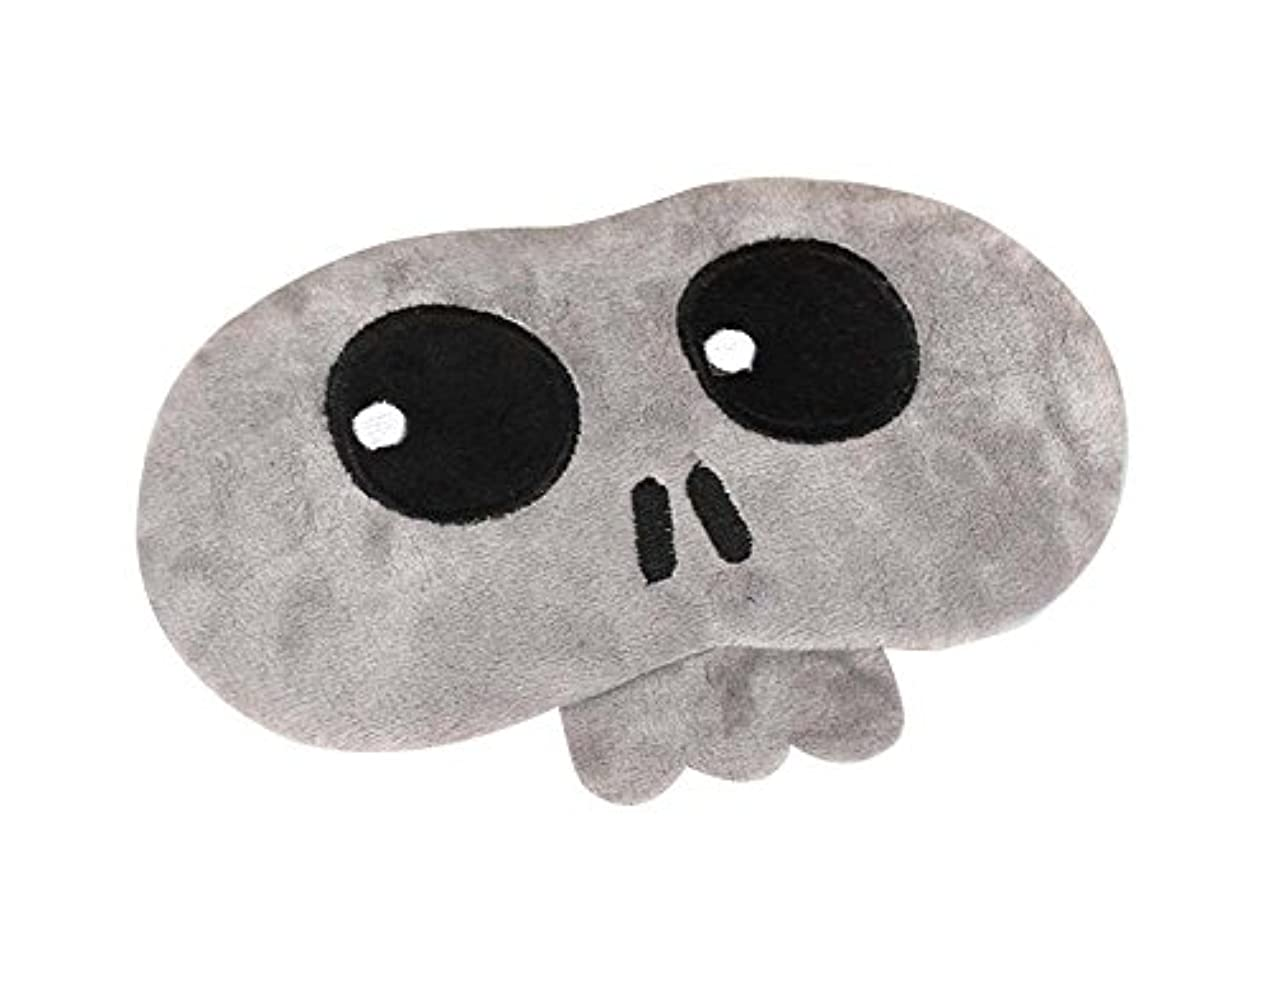 拡散する冗長ネックレス灰色の頭蓋骨の睡眠の目のマスク快適な目のカバー通気性のアイシェイド